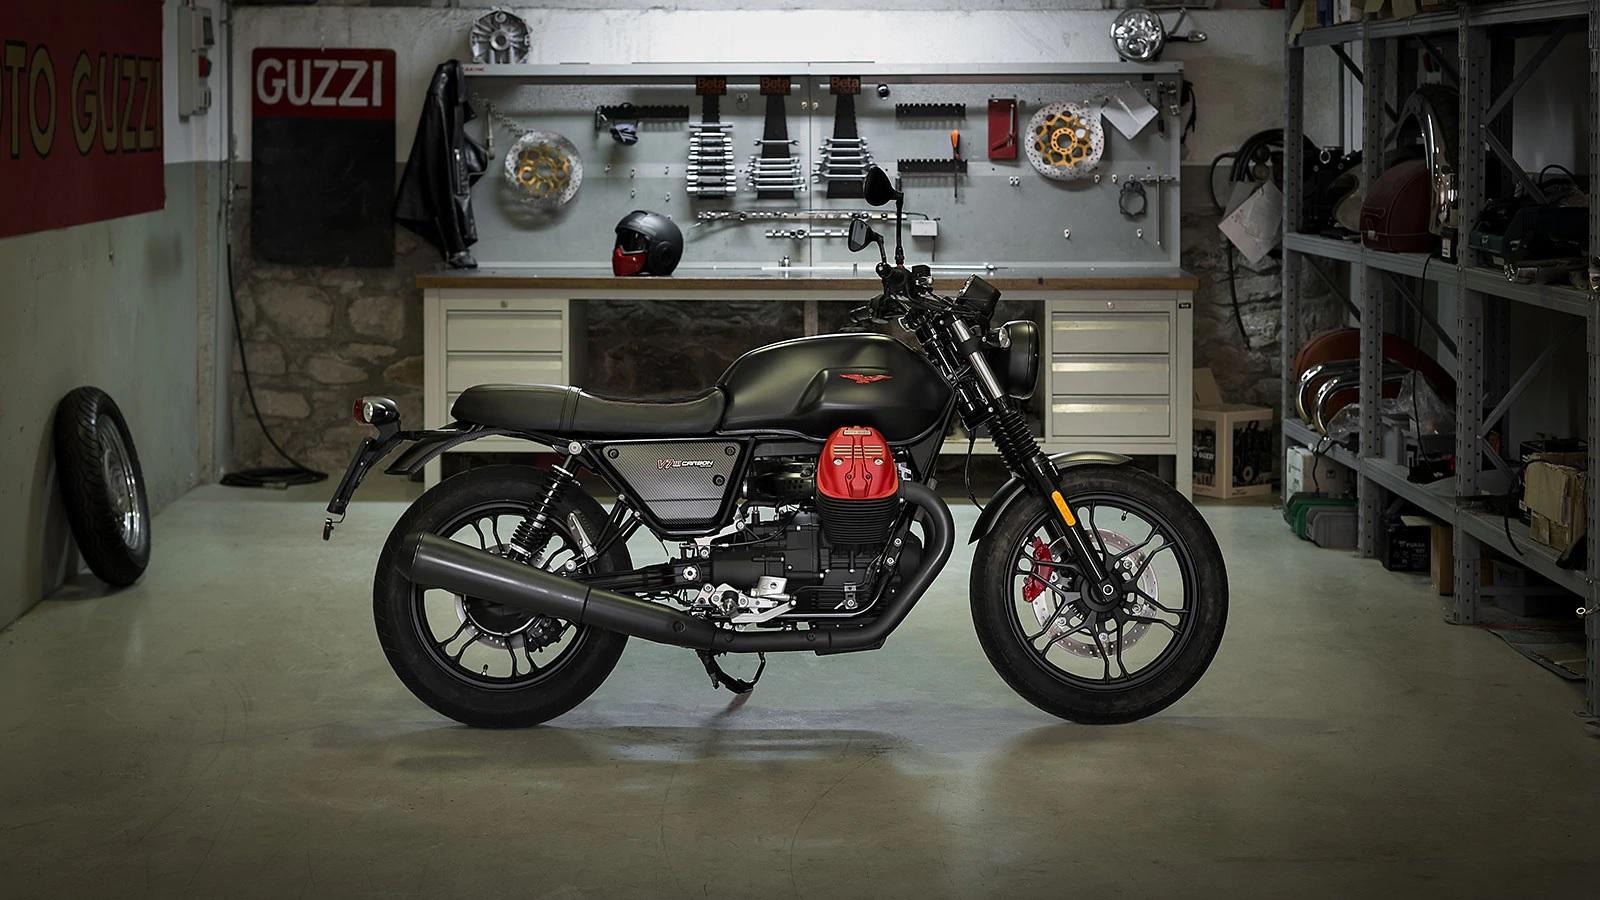 2019 Moto Guzzi V7 III Carbon 750